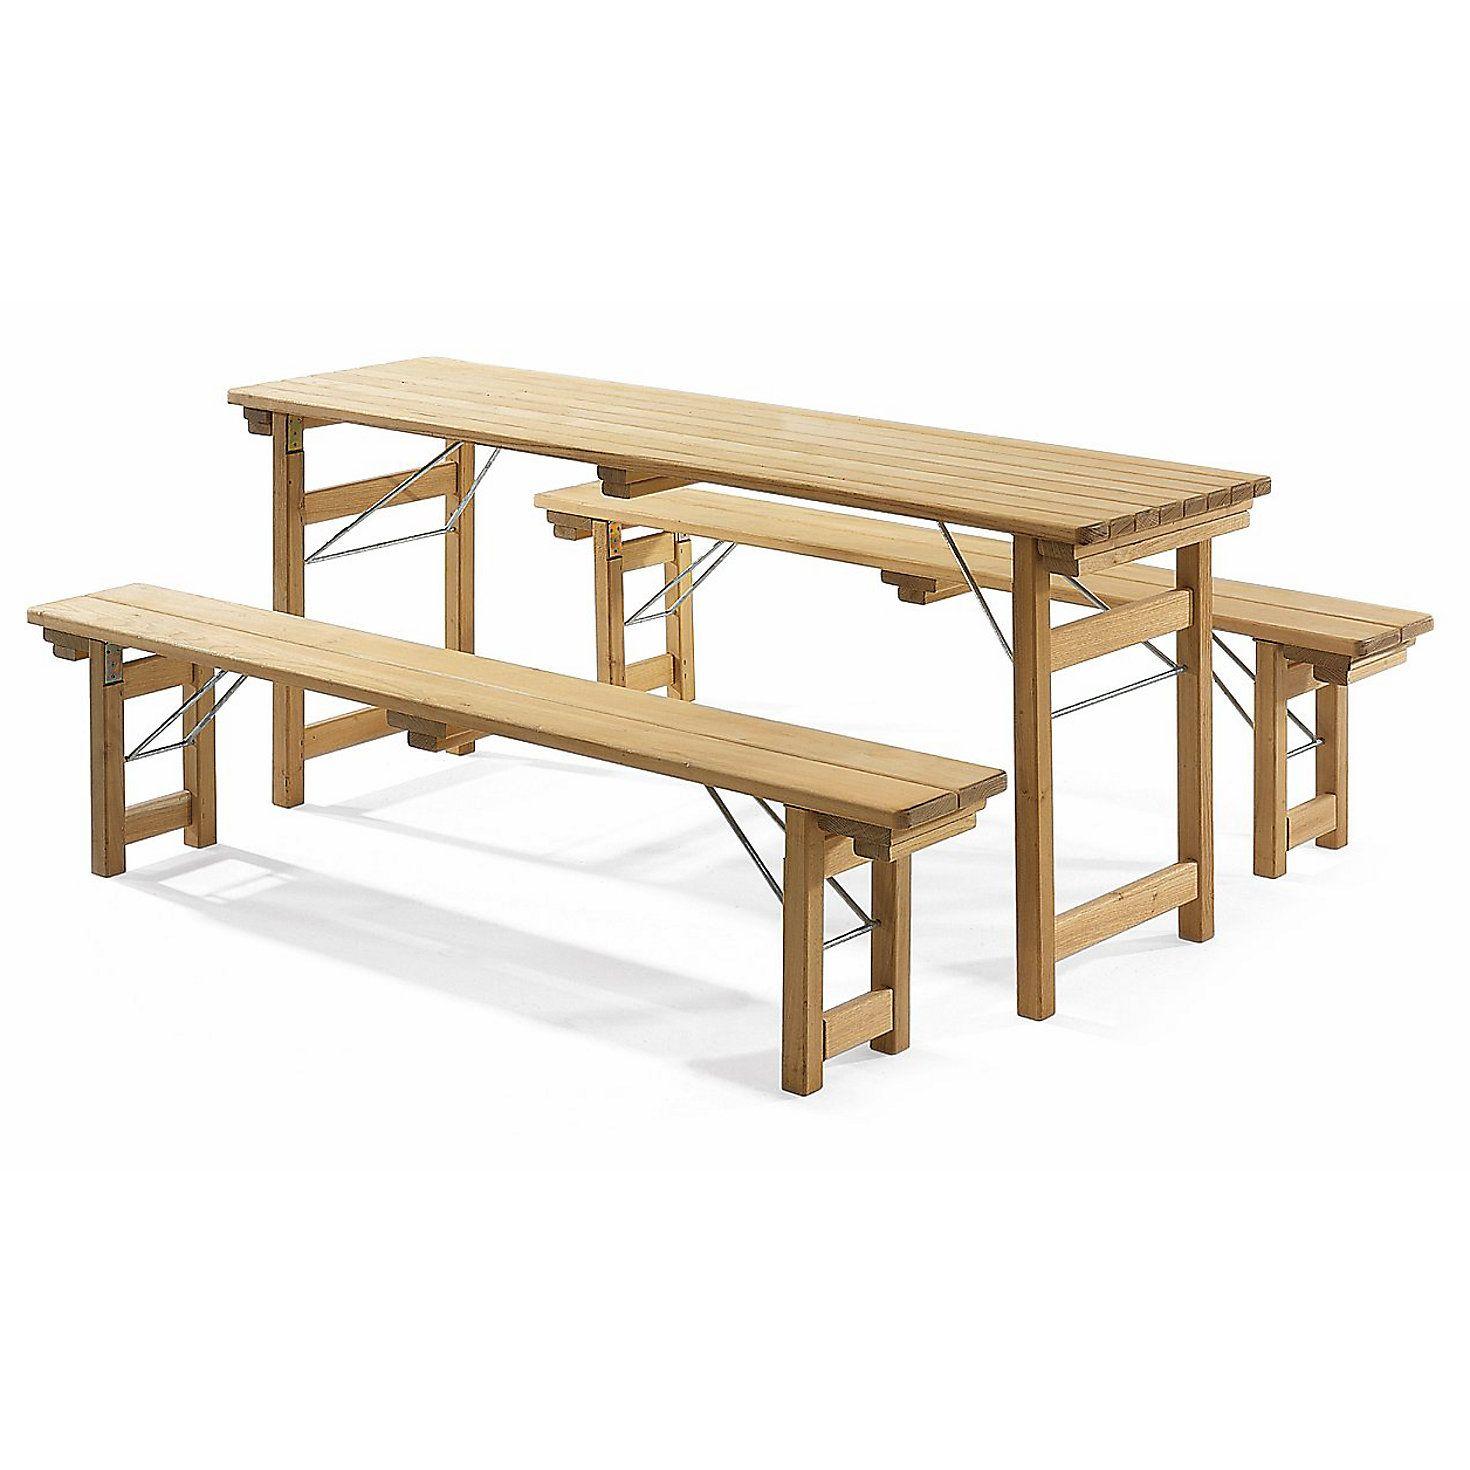 Biergartengarnitur Robinienholz Manufactum Gartentisch Holz Gartenmobel Manufactum